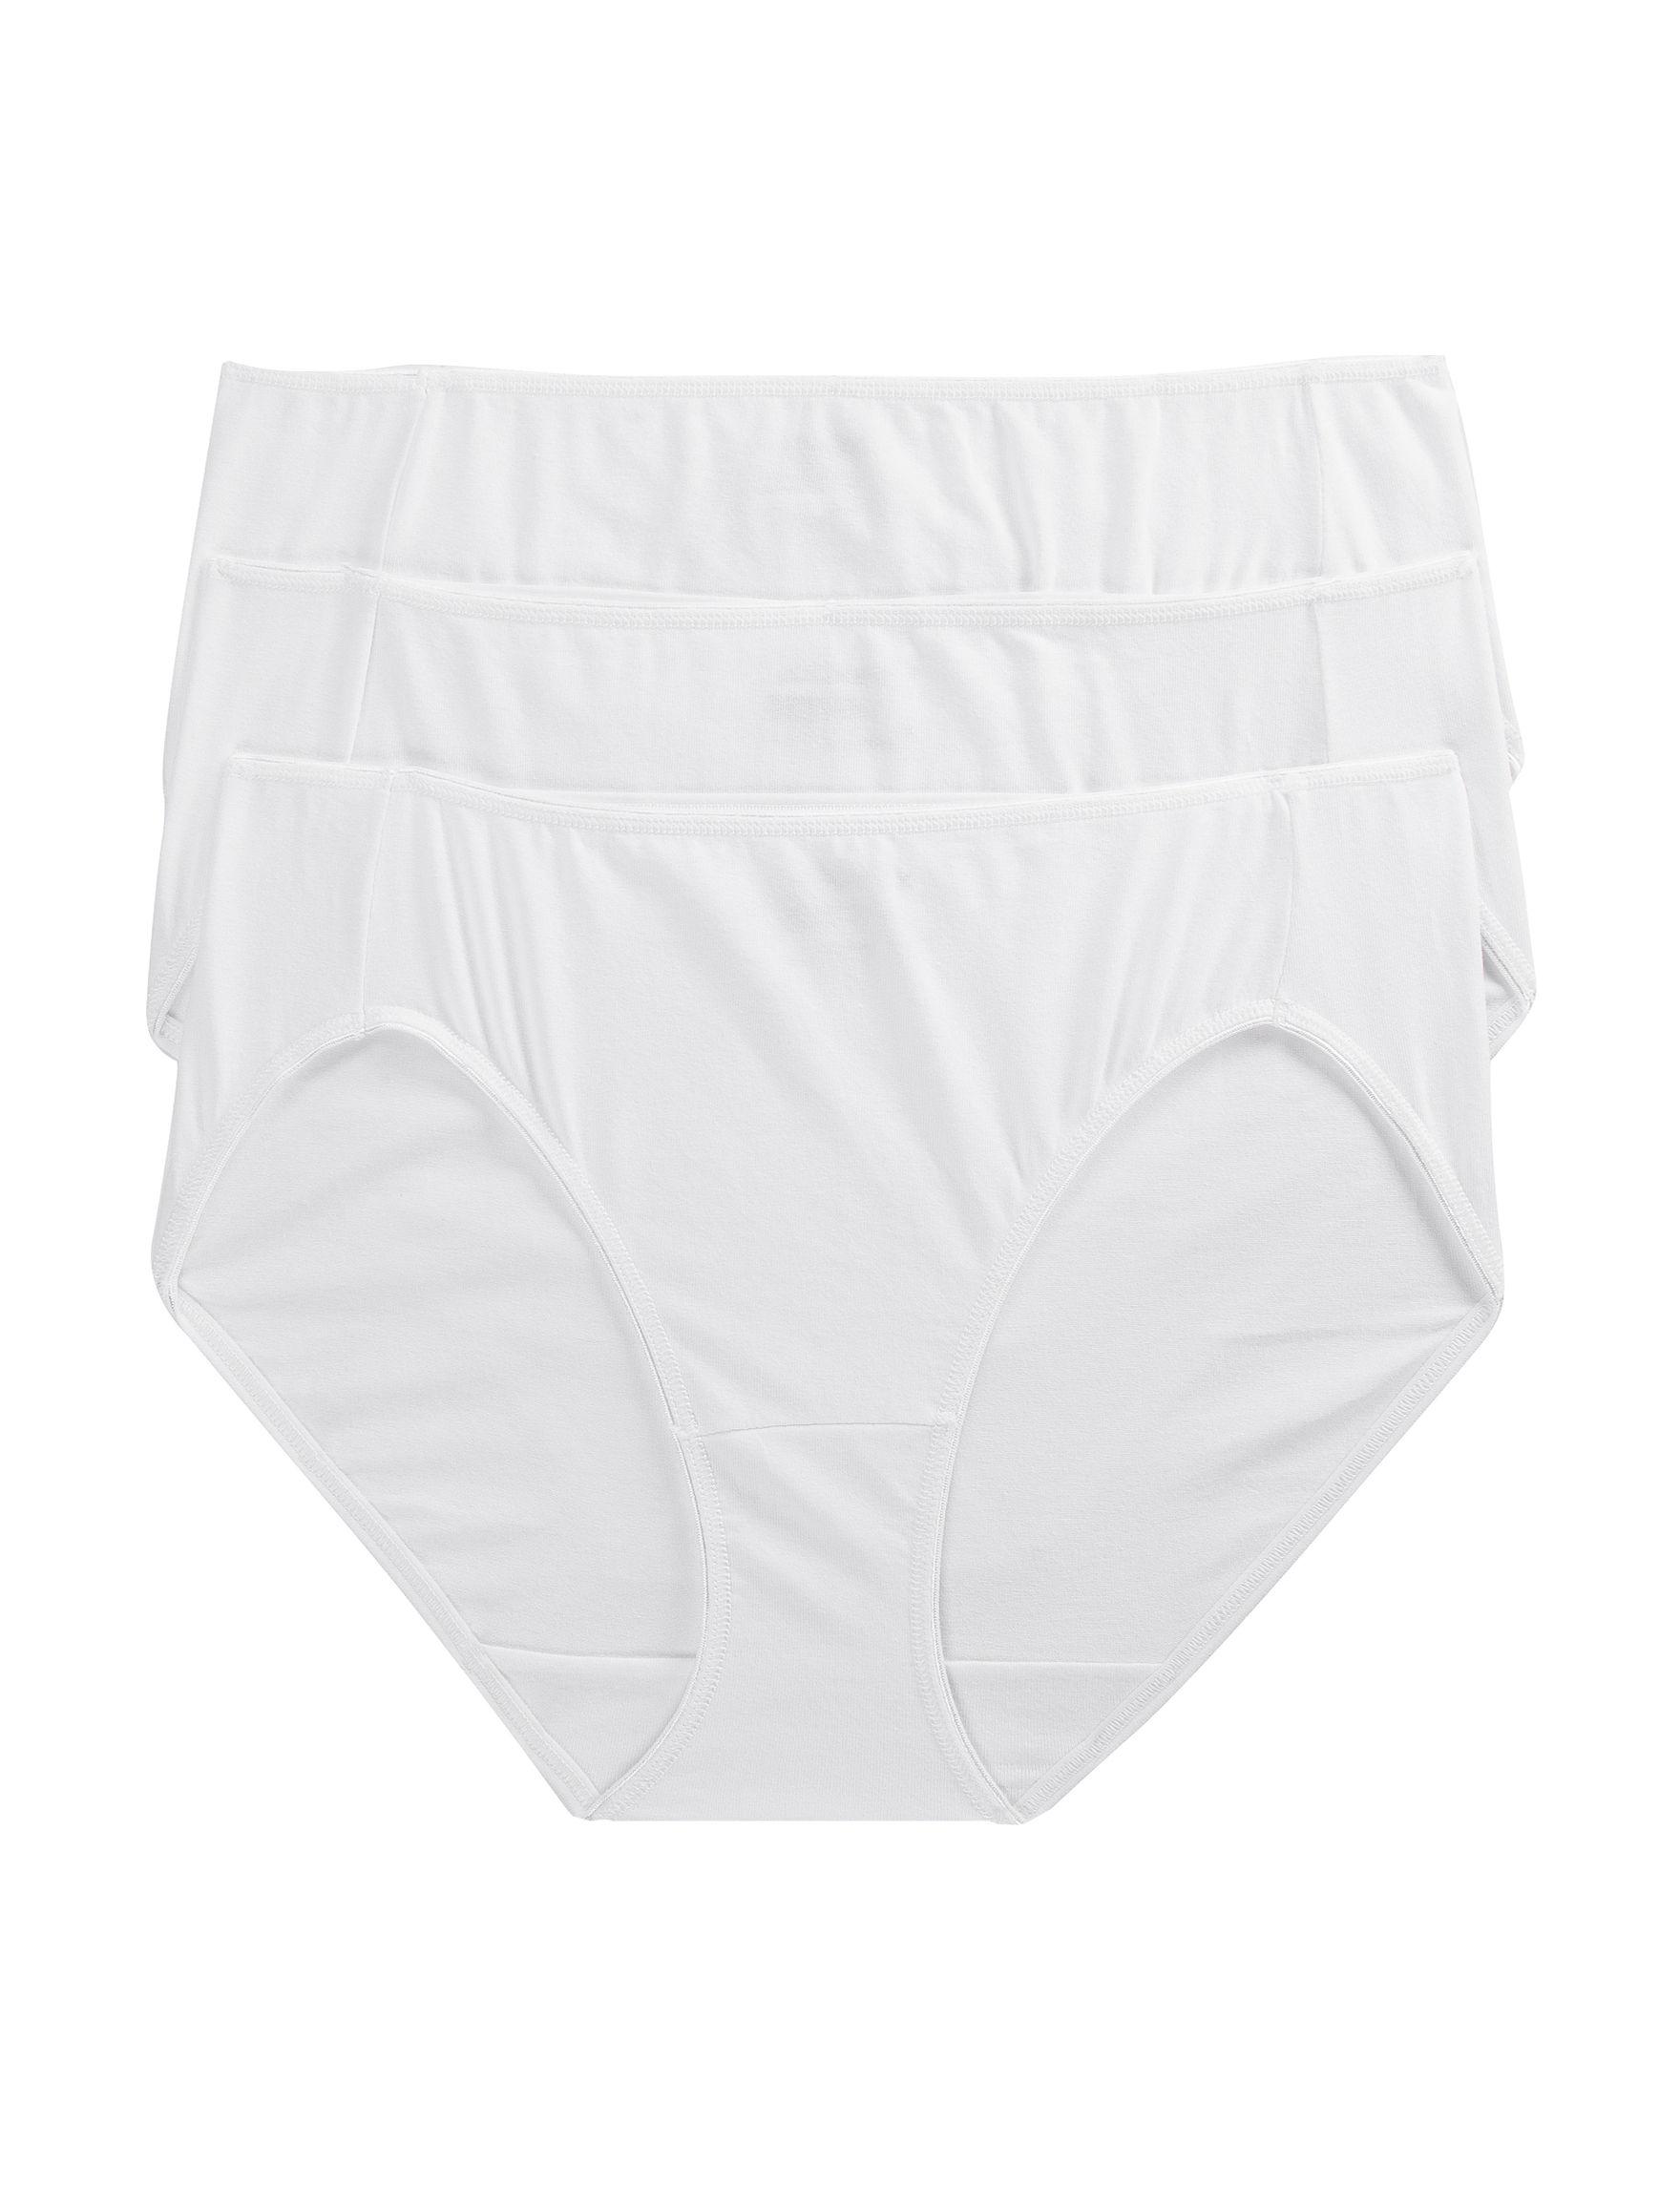 Jockey White Panties Bikini